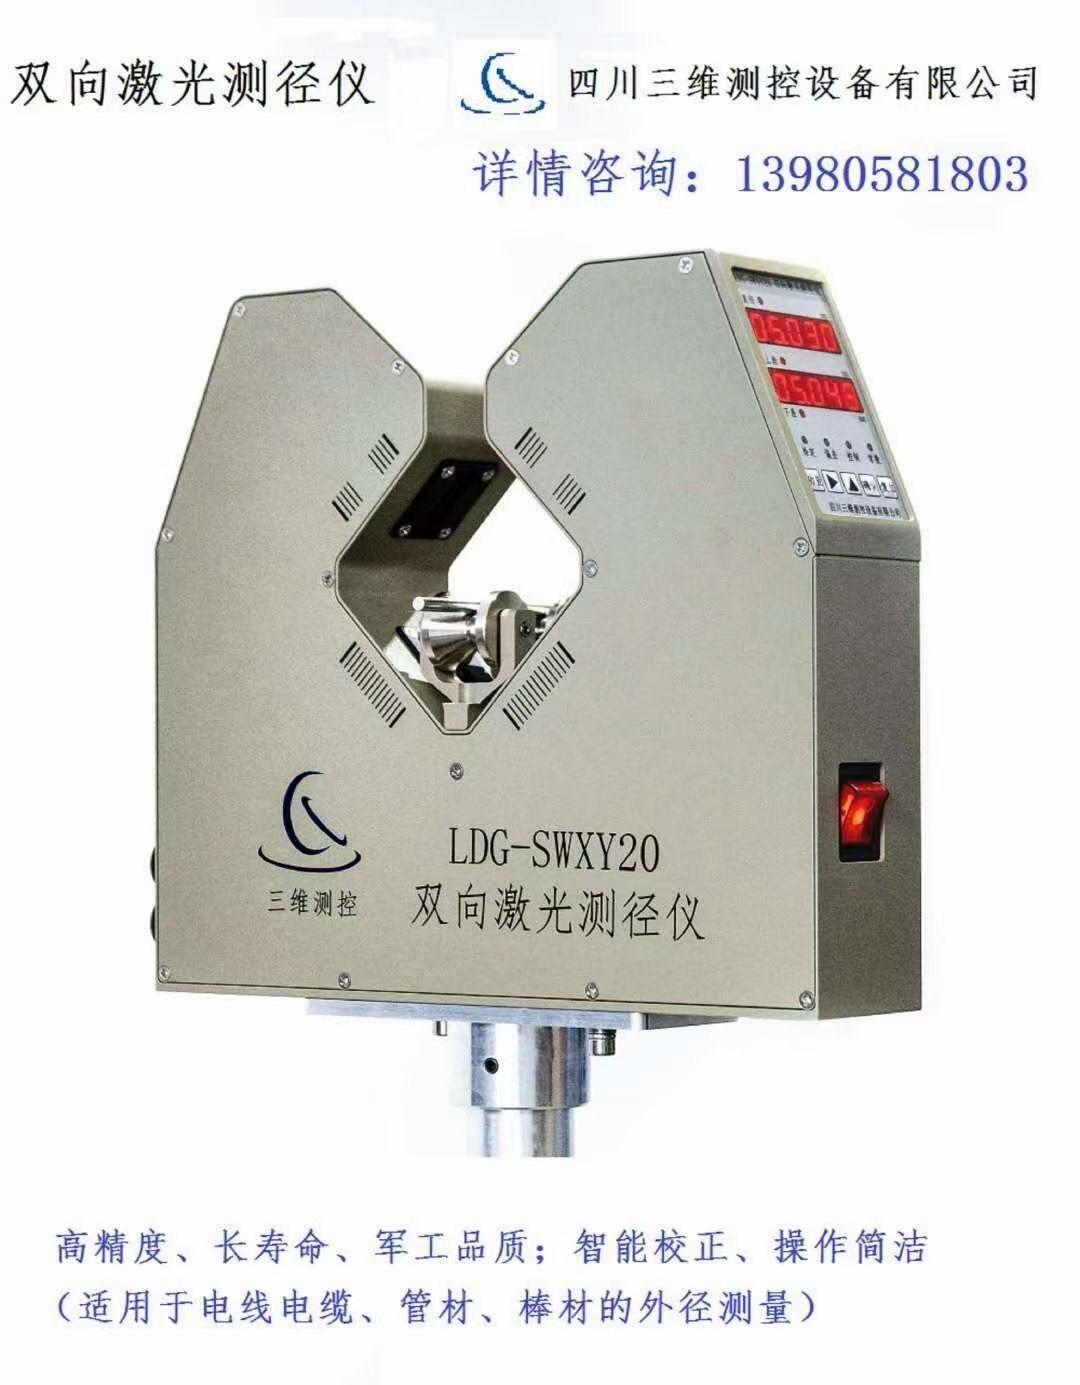 LDG-SWXY20 雙向激光測徑儀 1